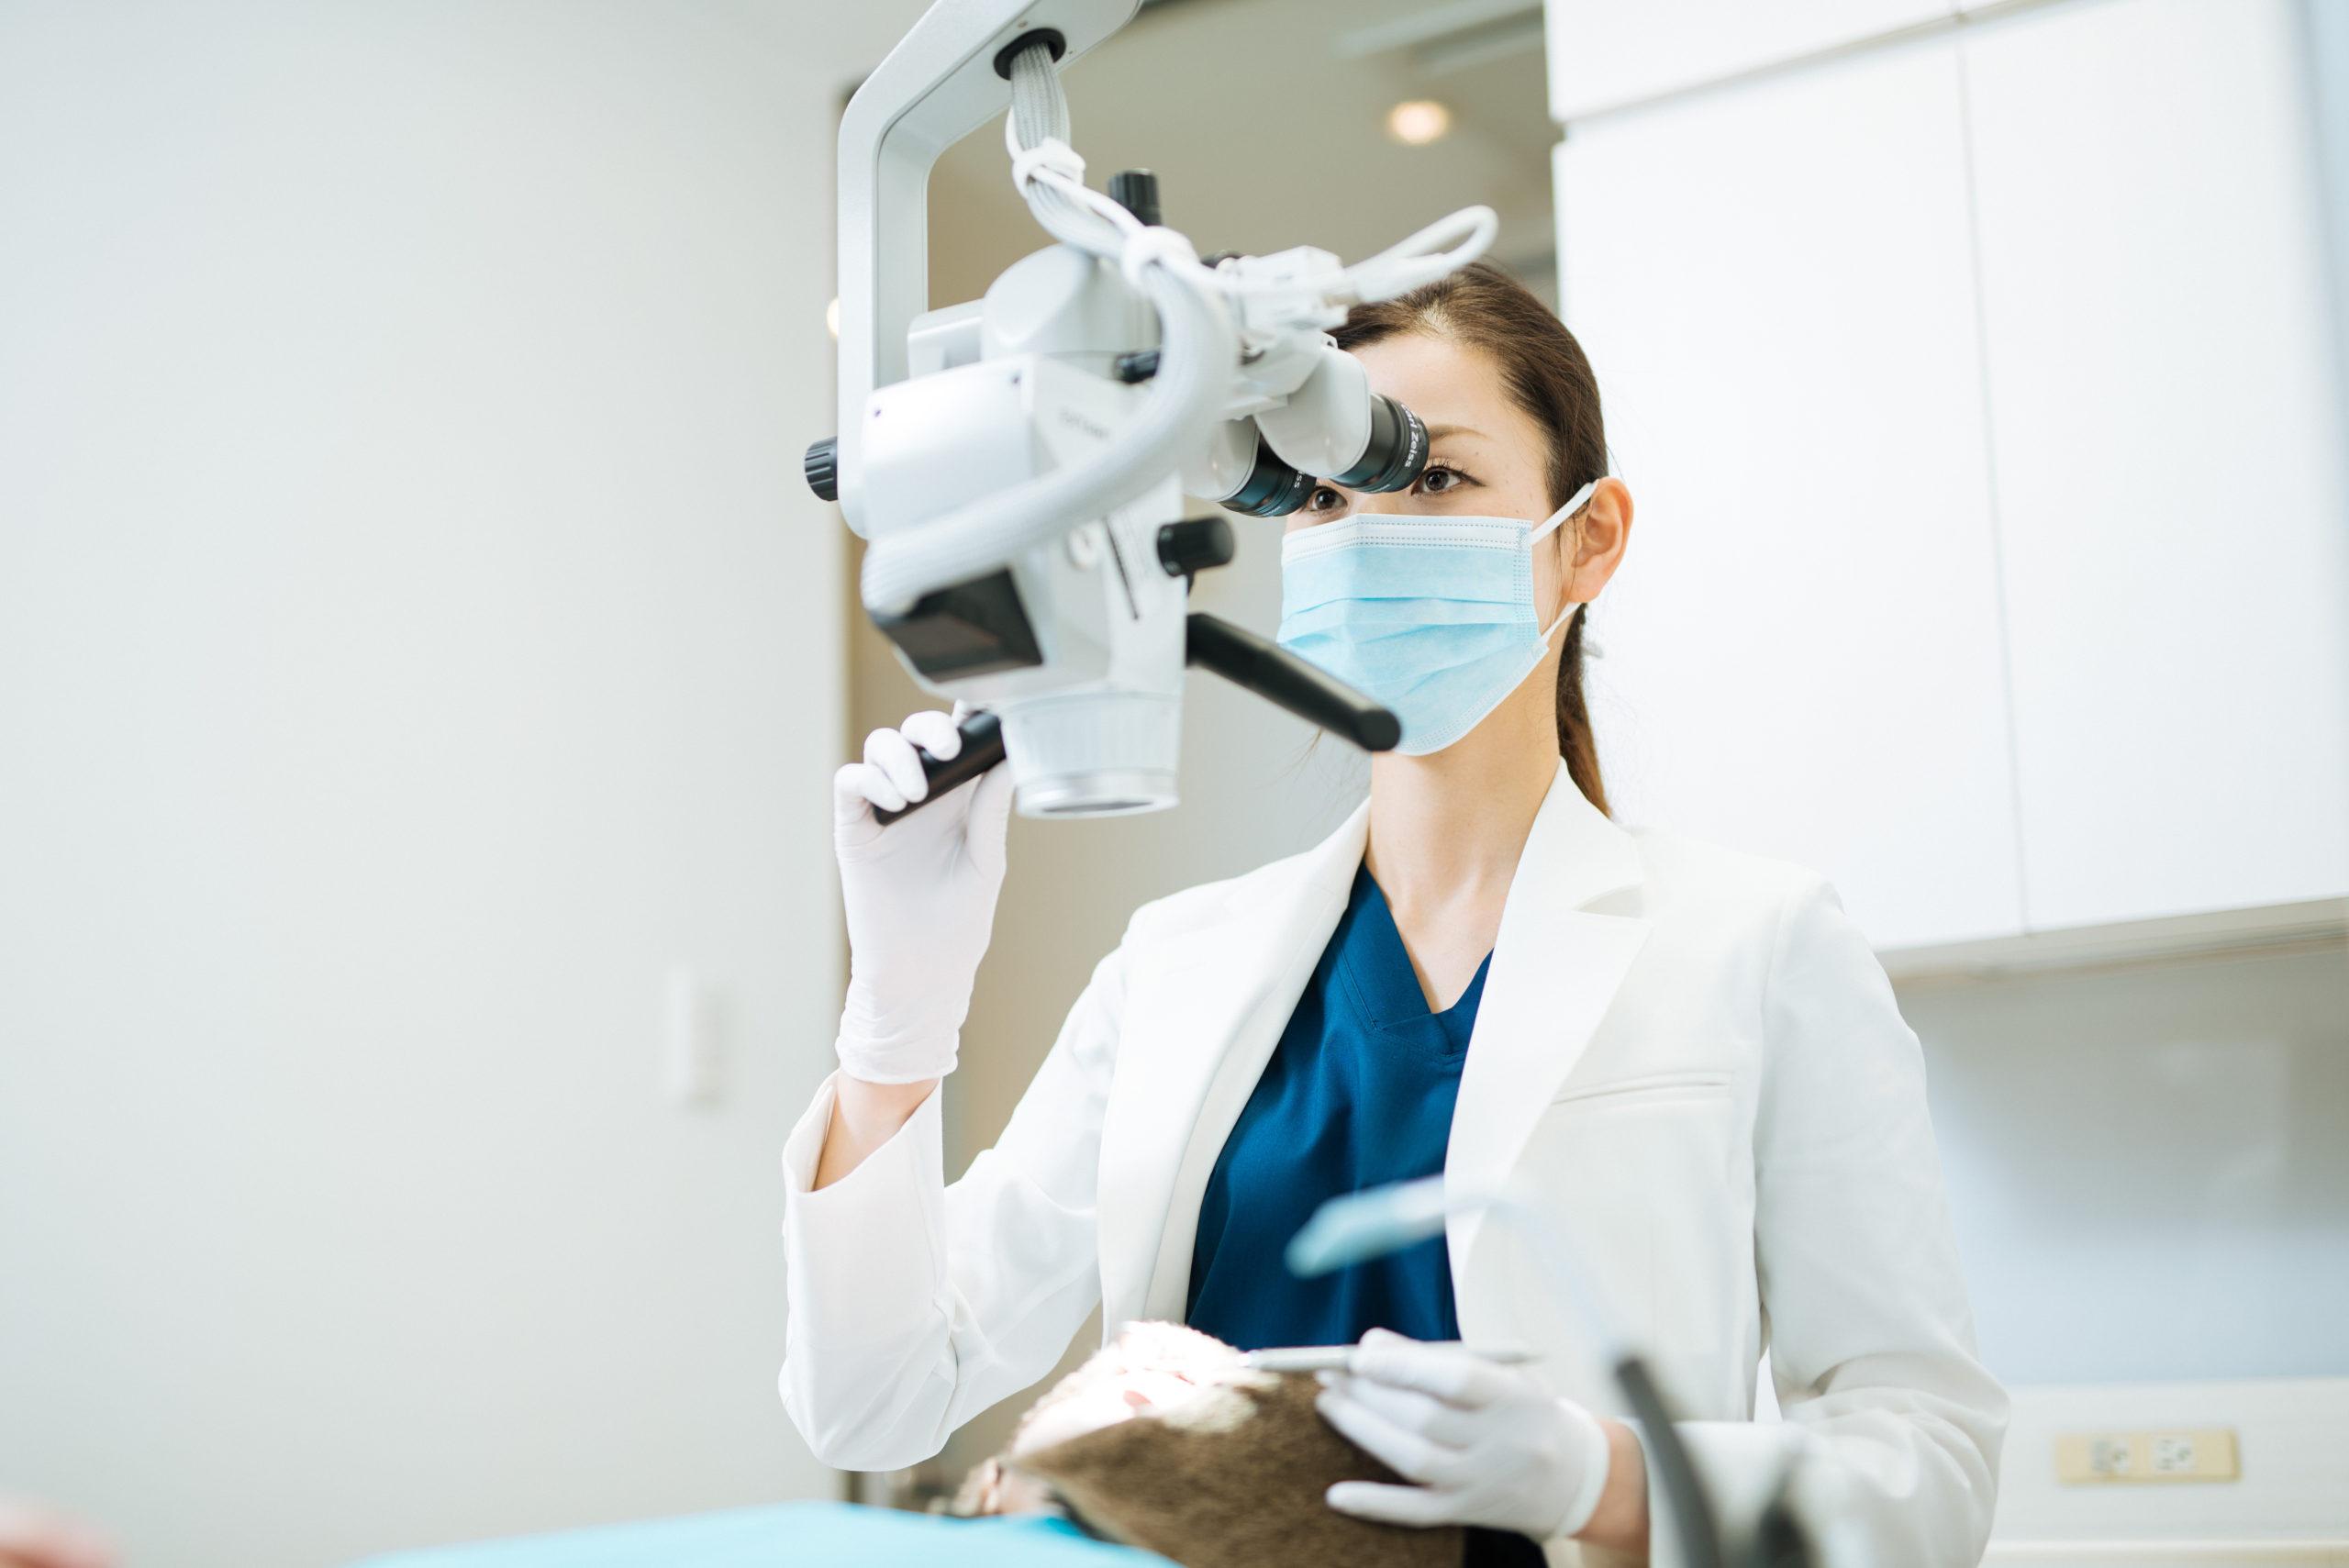 三好歯科 自由が丘|三好歯科 自由が丘のコンセプトと患者様へのメッセージ|マイクロスコープで根管治療を行う副院長